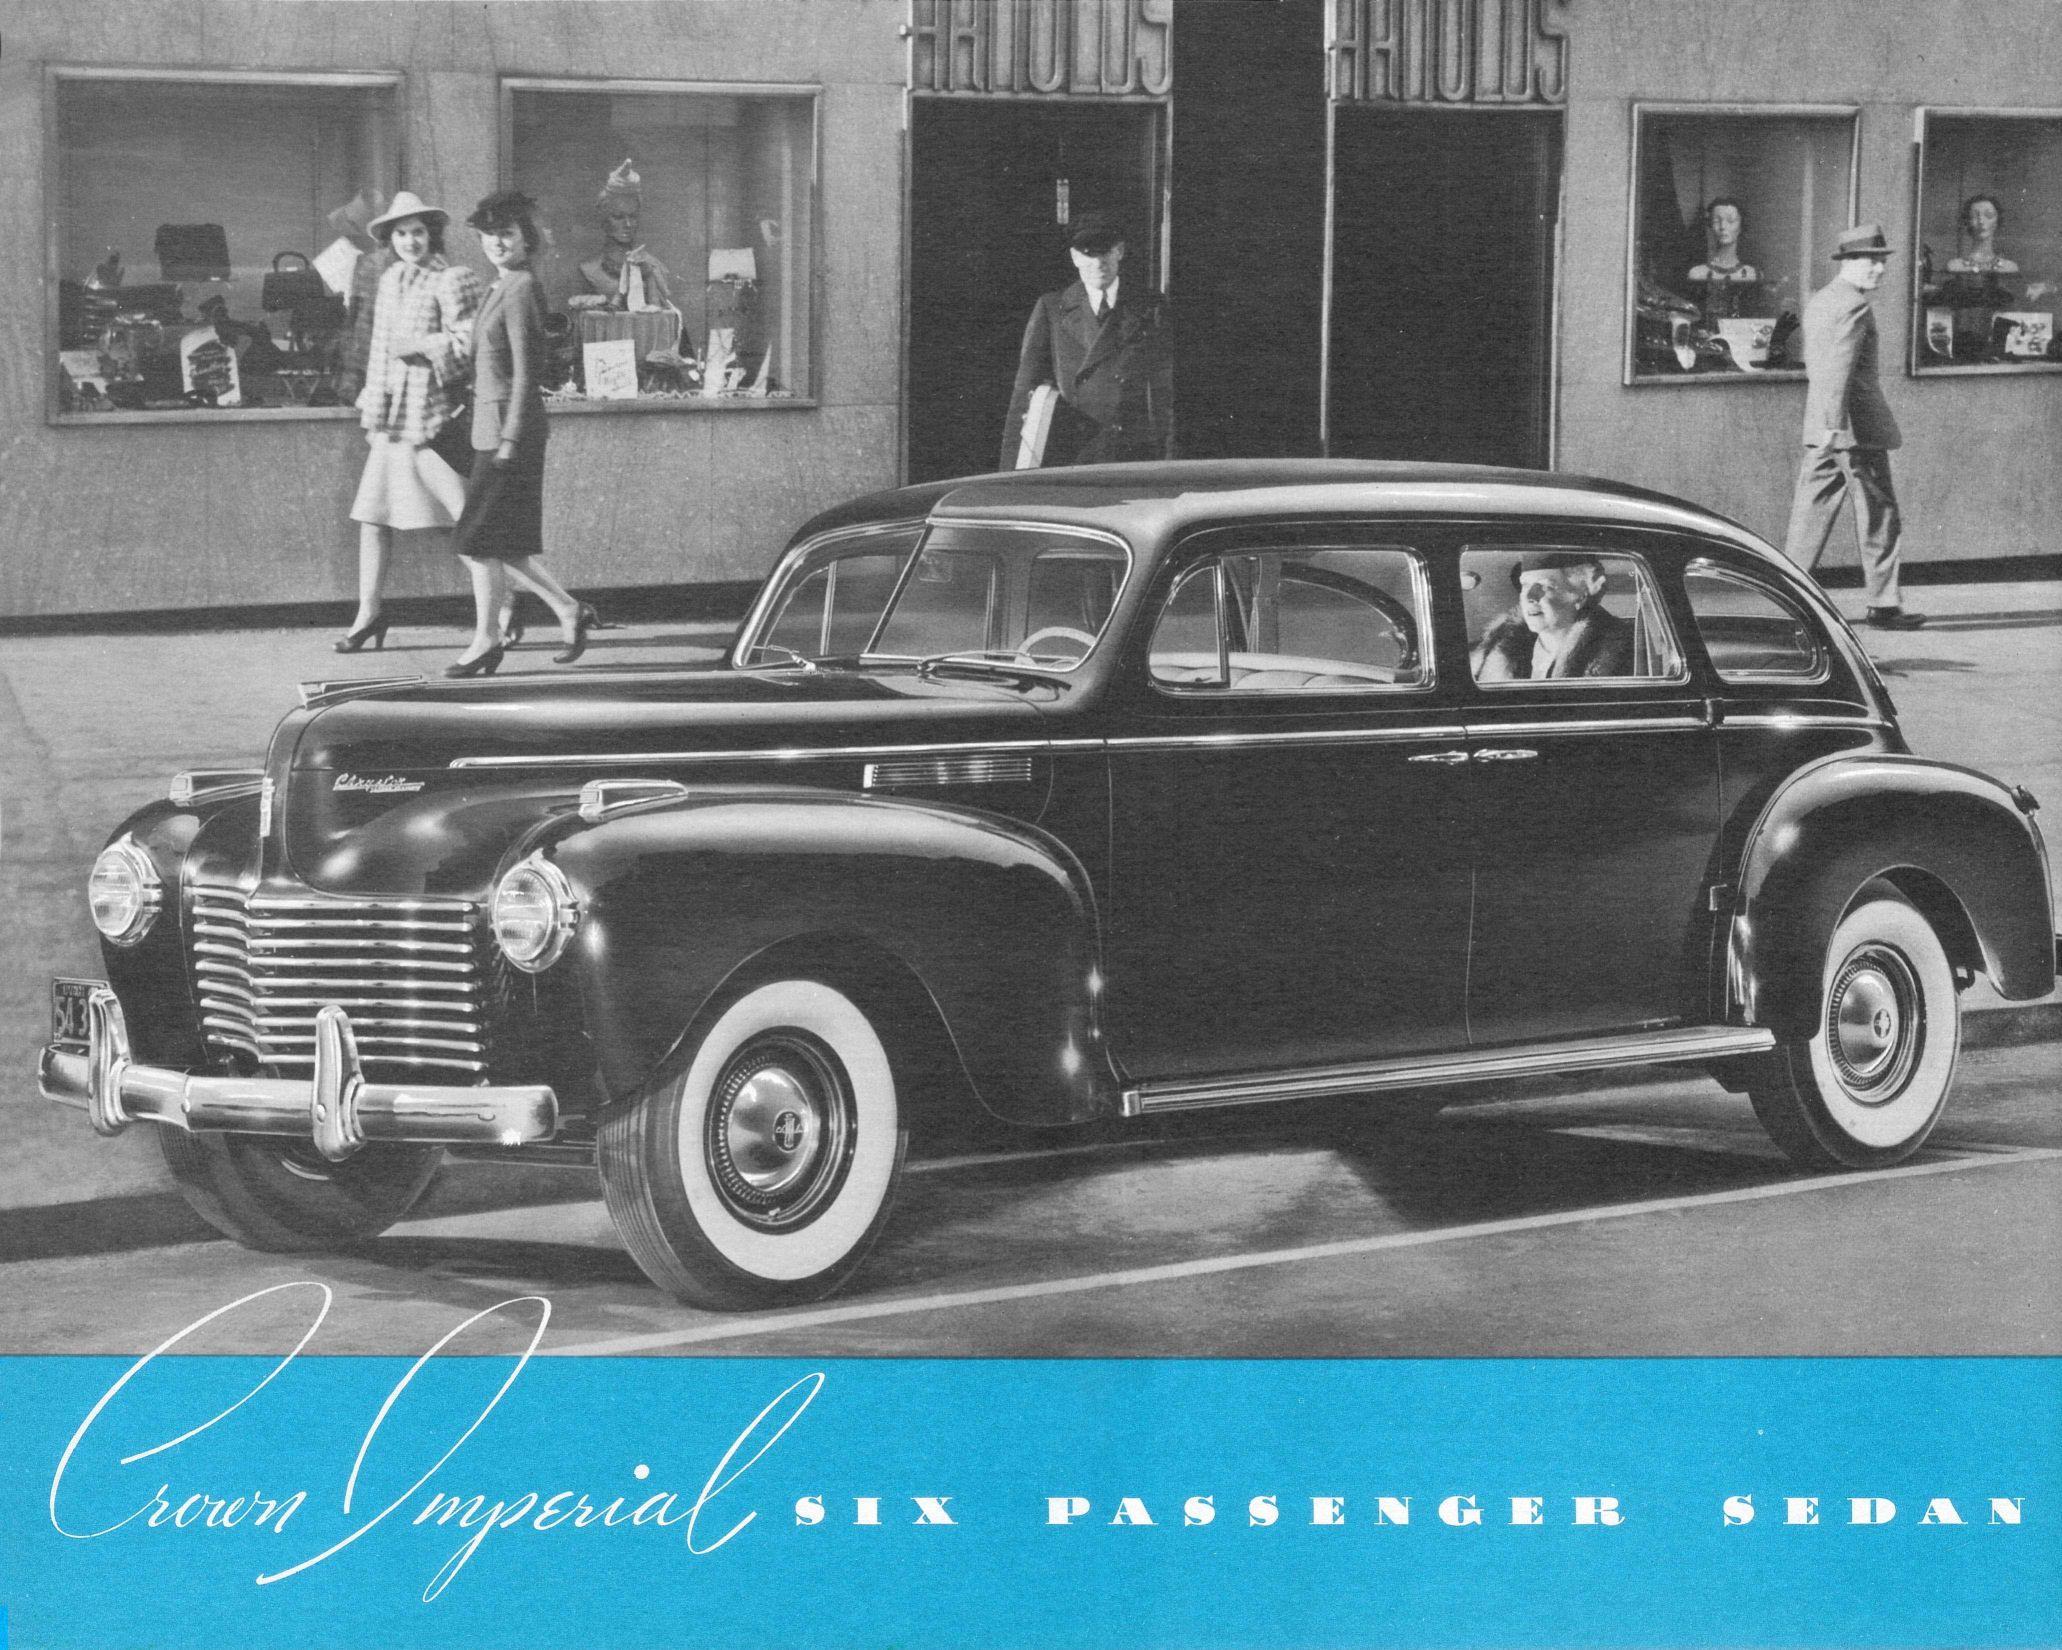 1940 Chrysler Crown Imperial Six Passenger Sedan